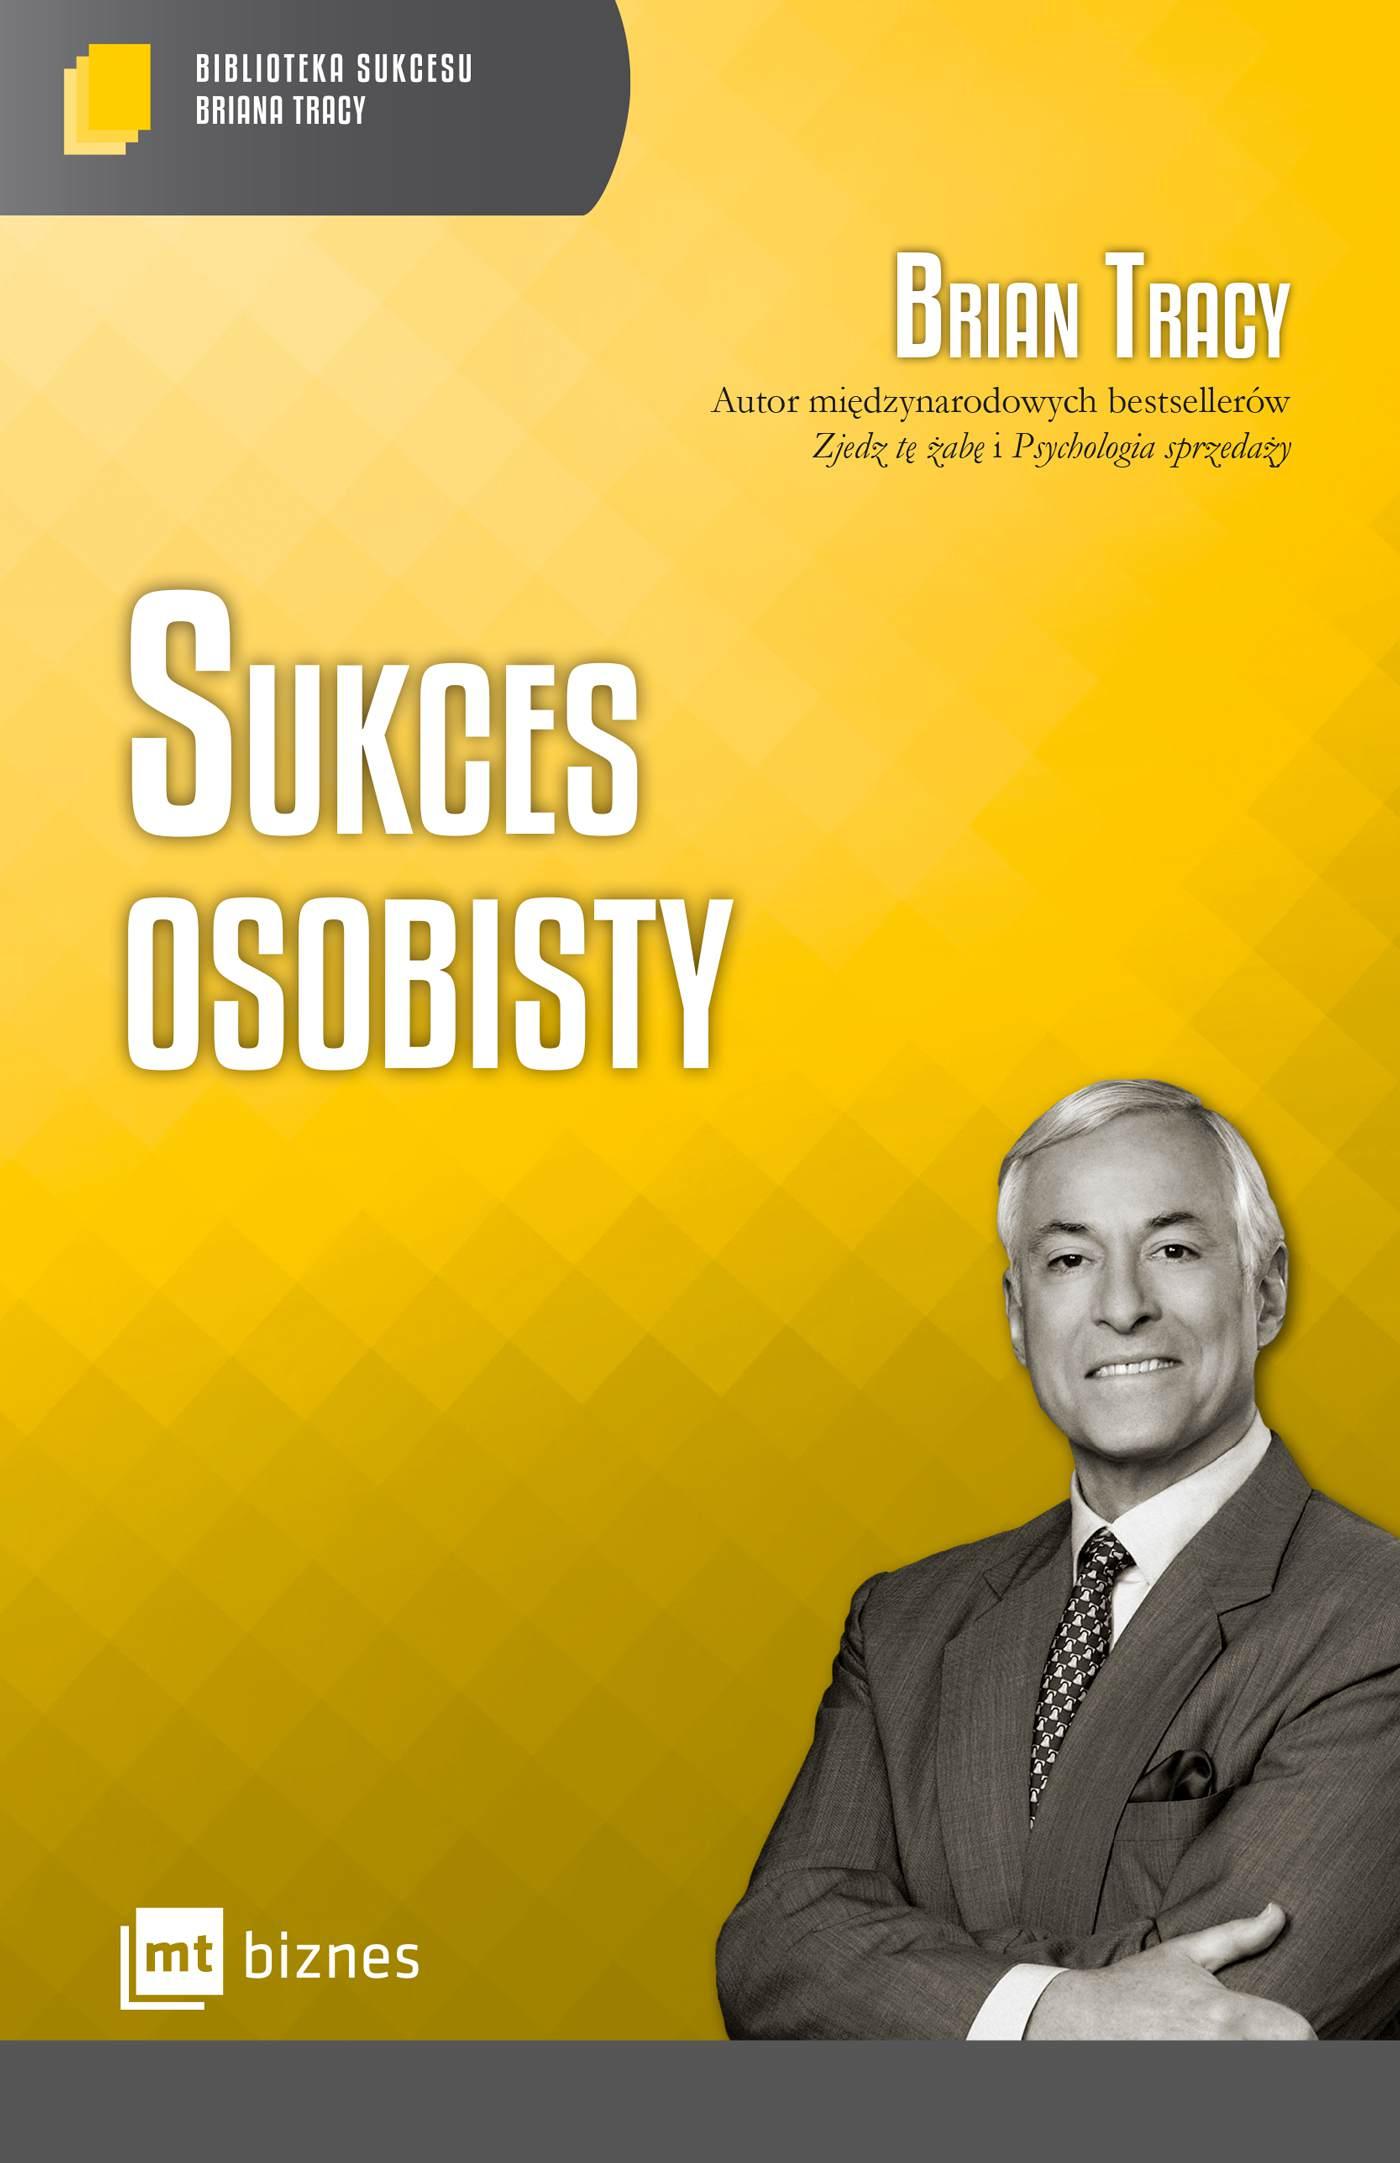 Sukces osobisty Biblioteka Sukcesu Briana Tracy - Ebook (Książka na Kindle) do pobrania w formacie MOBI